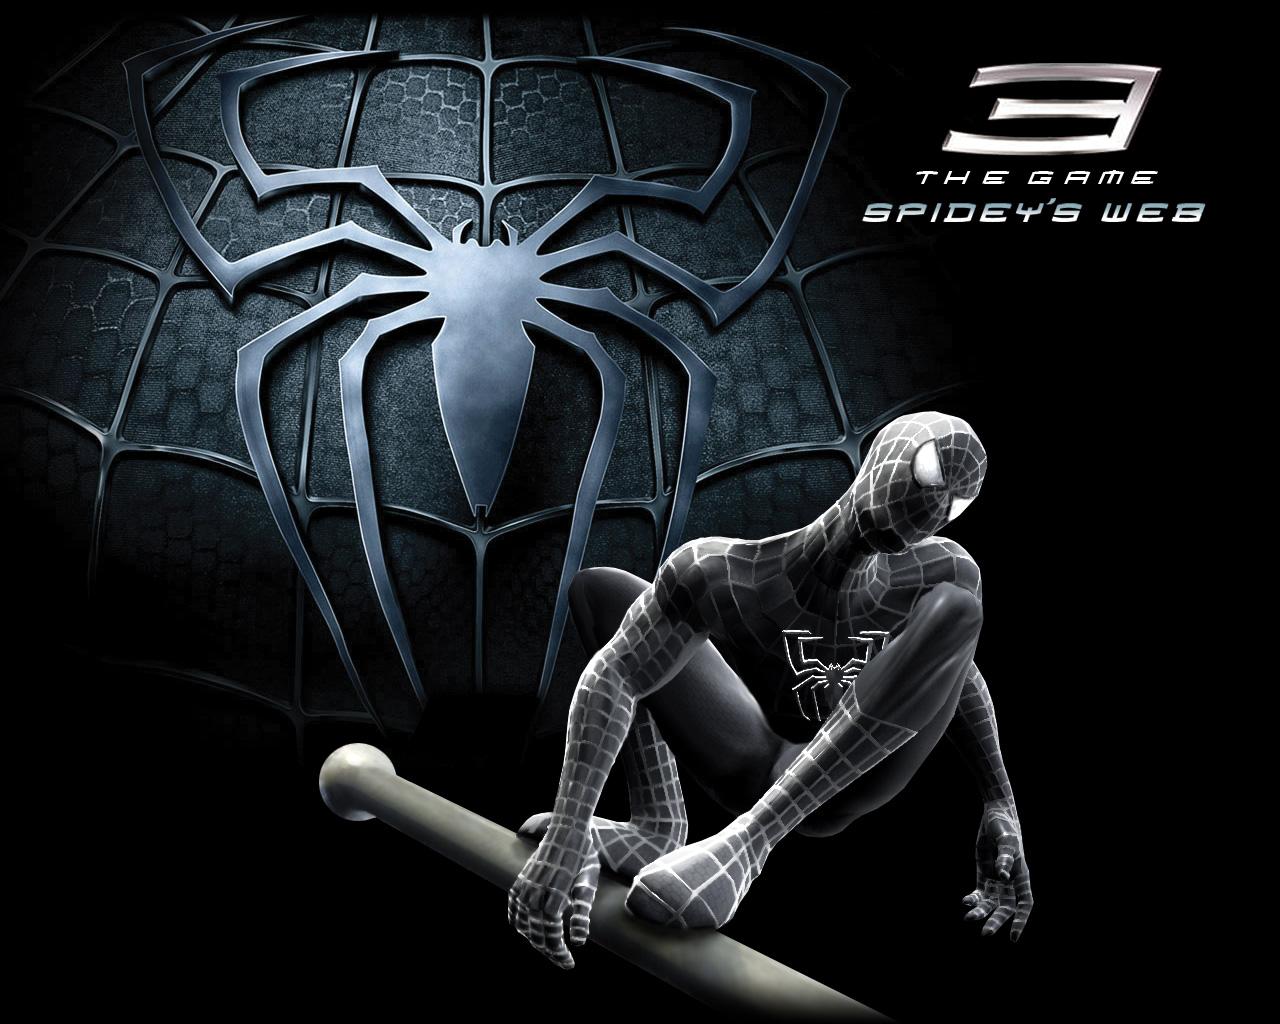 gambar spiderman 3 - photo #46